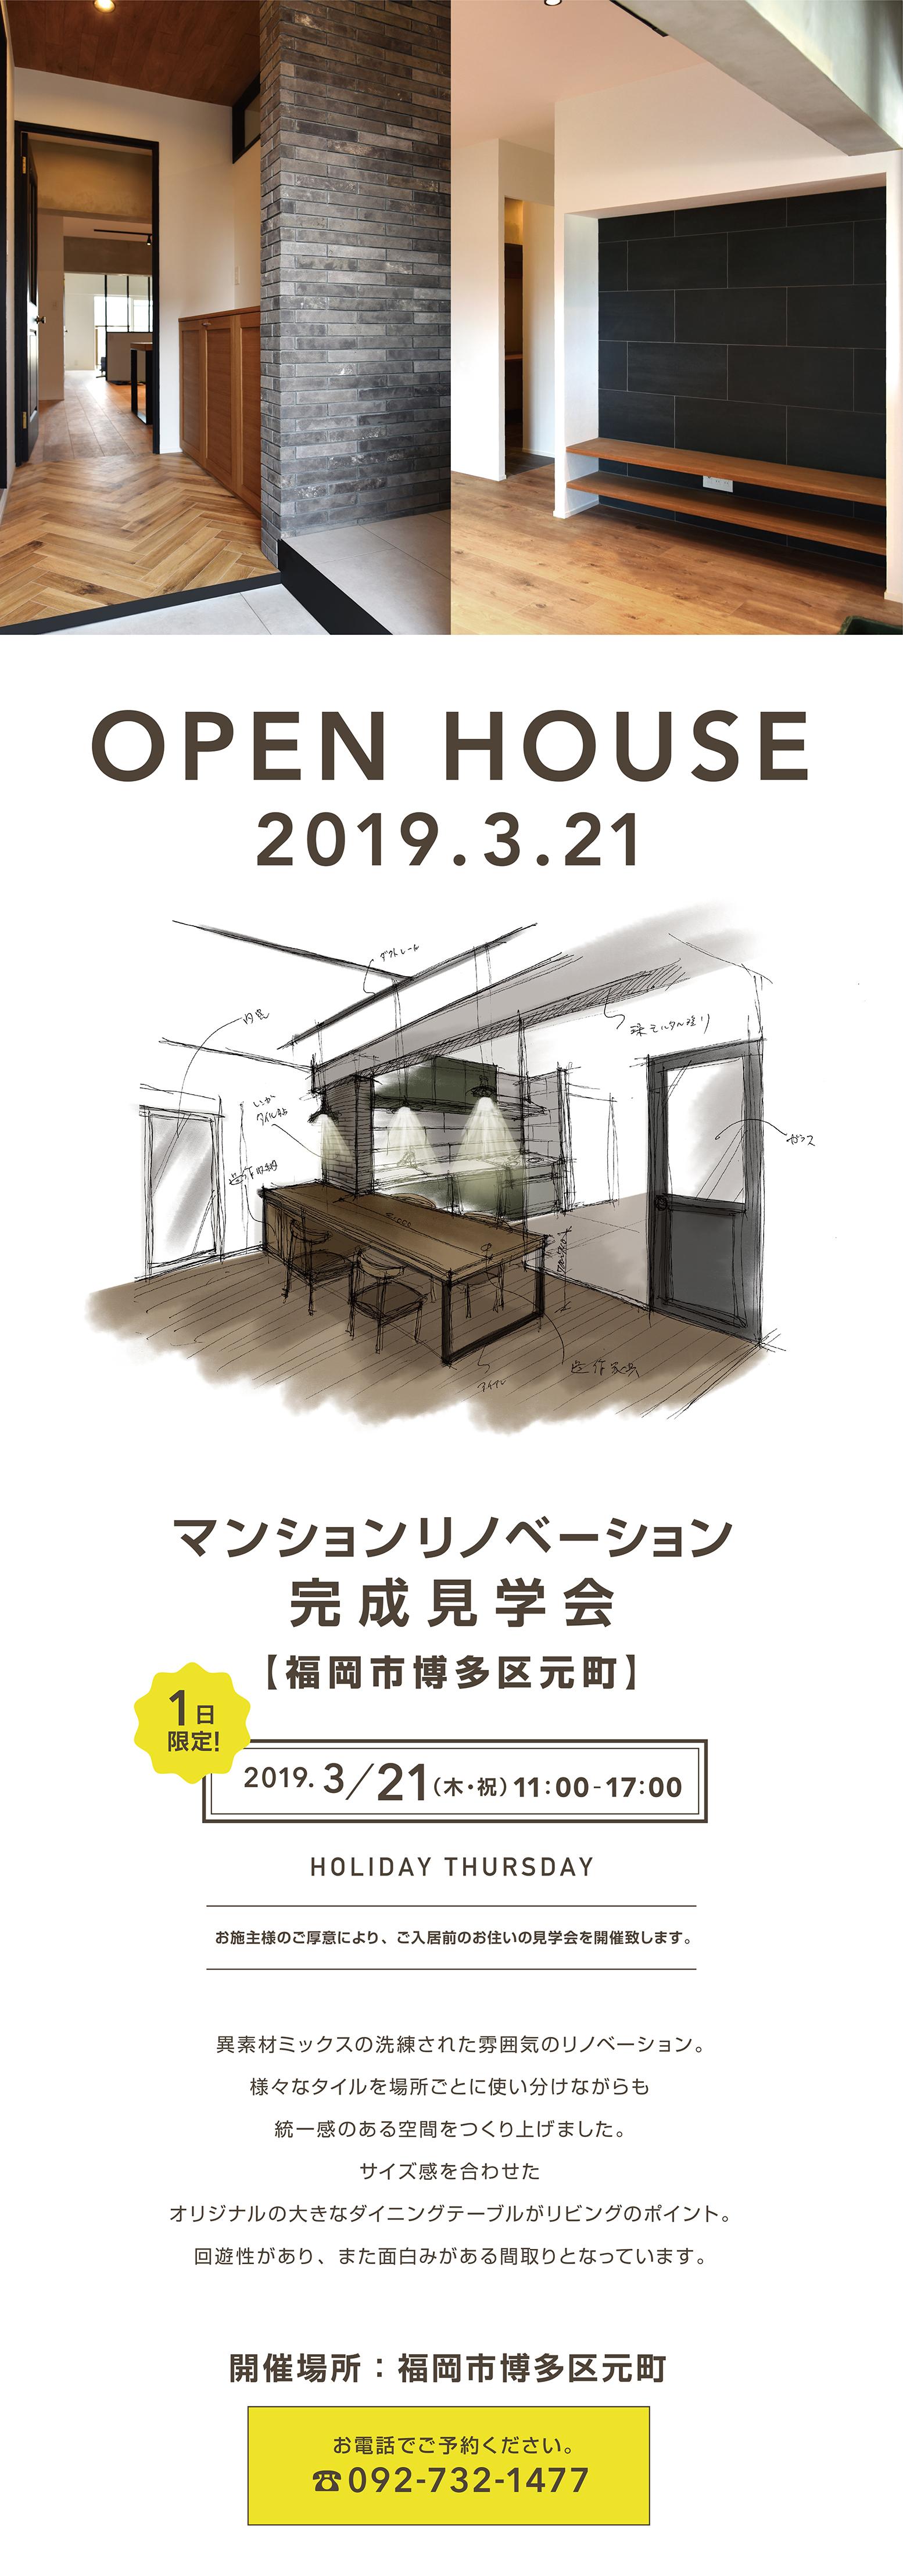 3/21オープンハウス